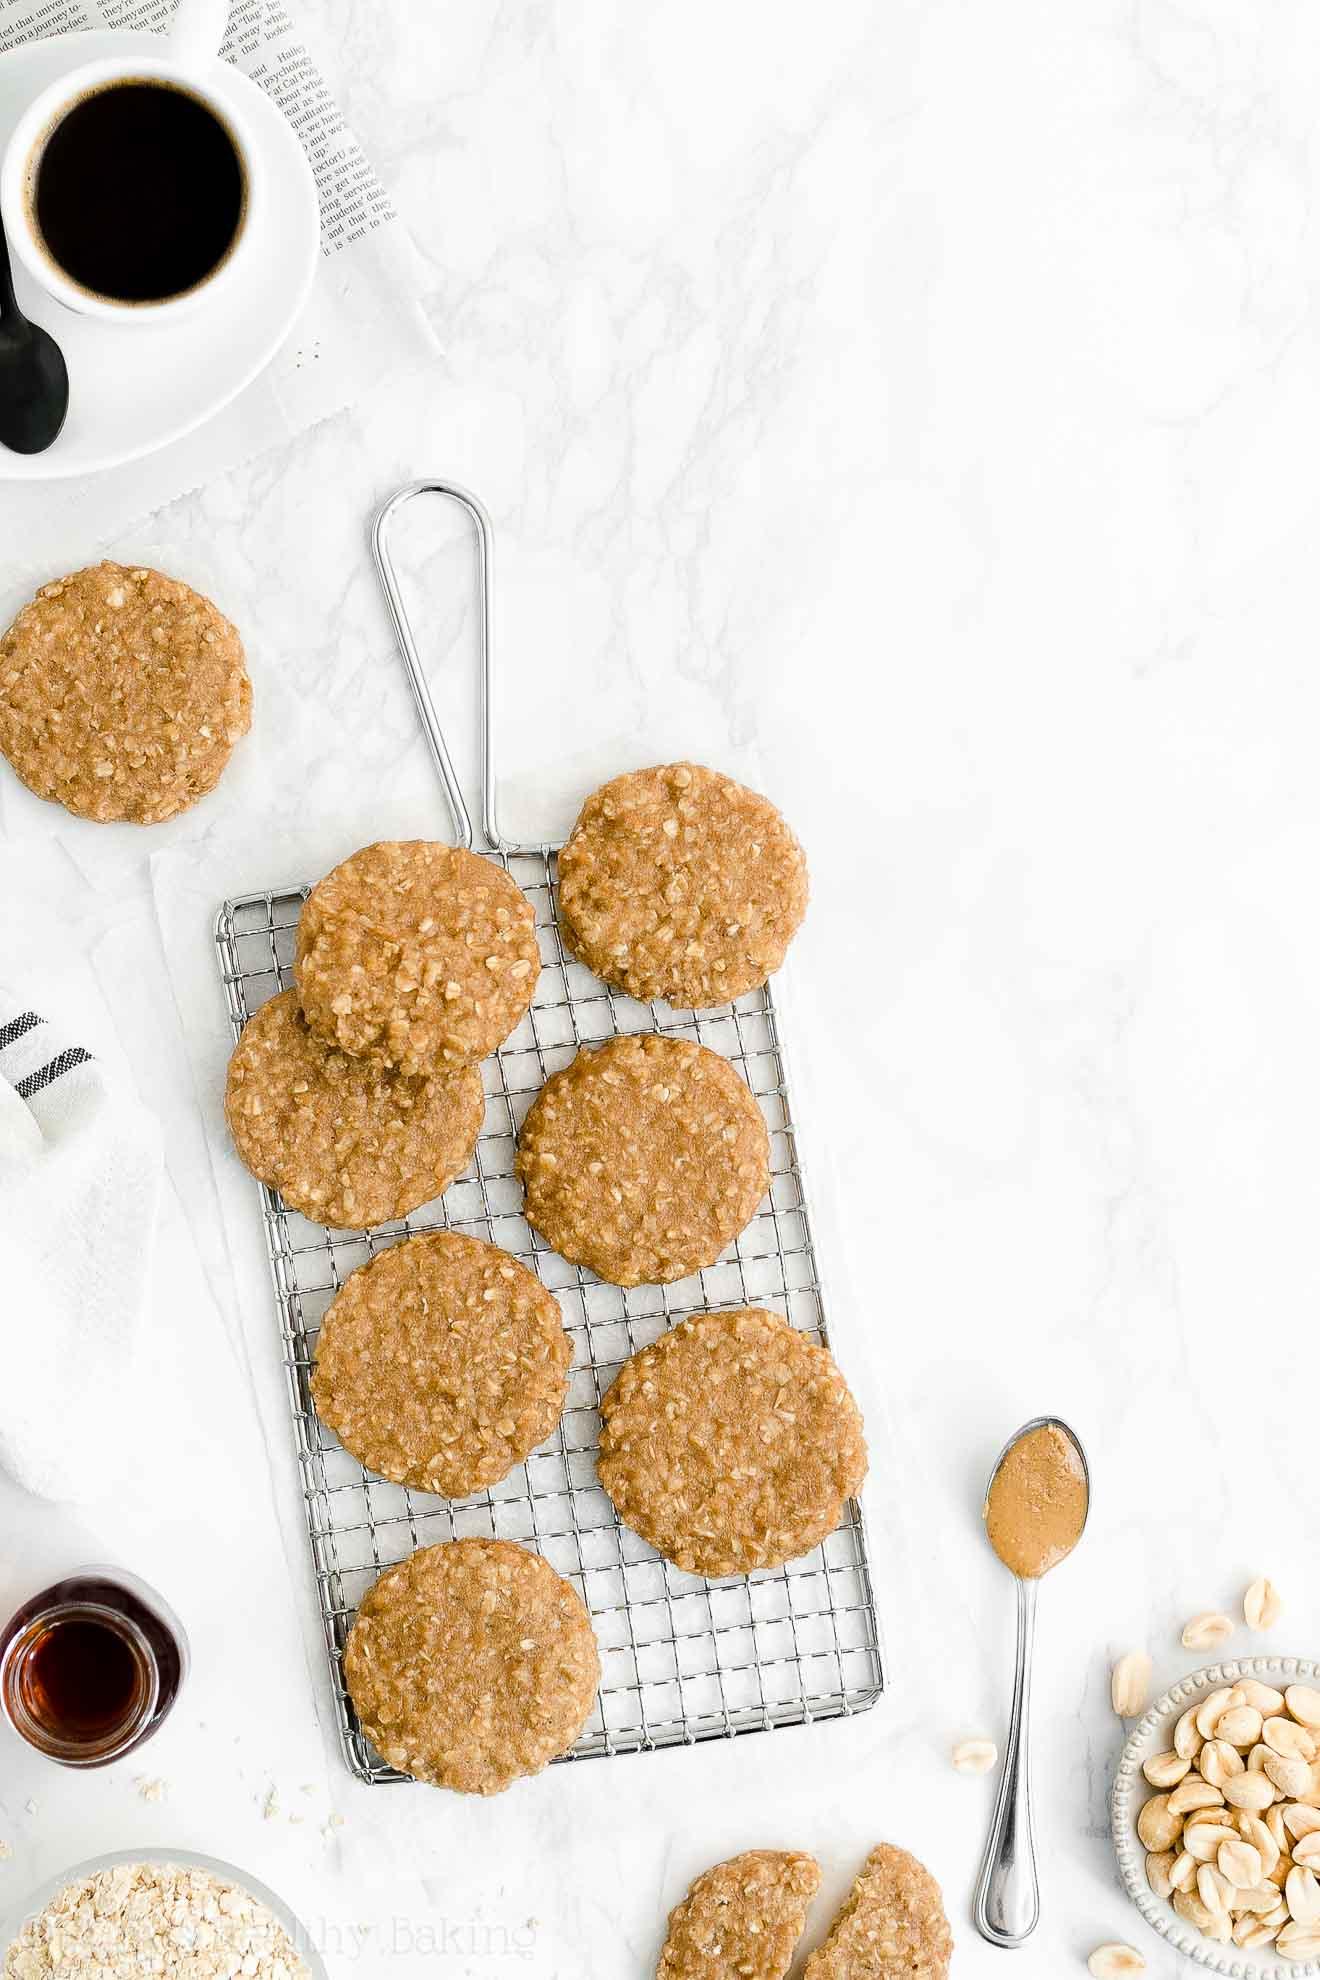 Best Easy Healthy Gluten-Free Vegan Peanut Butter Oatmeal Breakfast Cookies